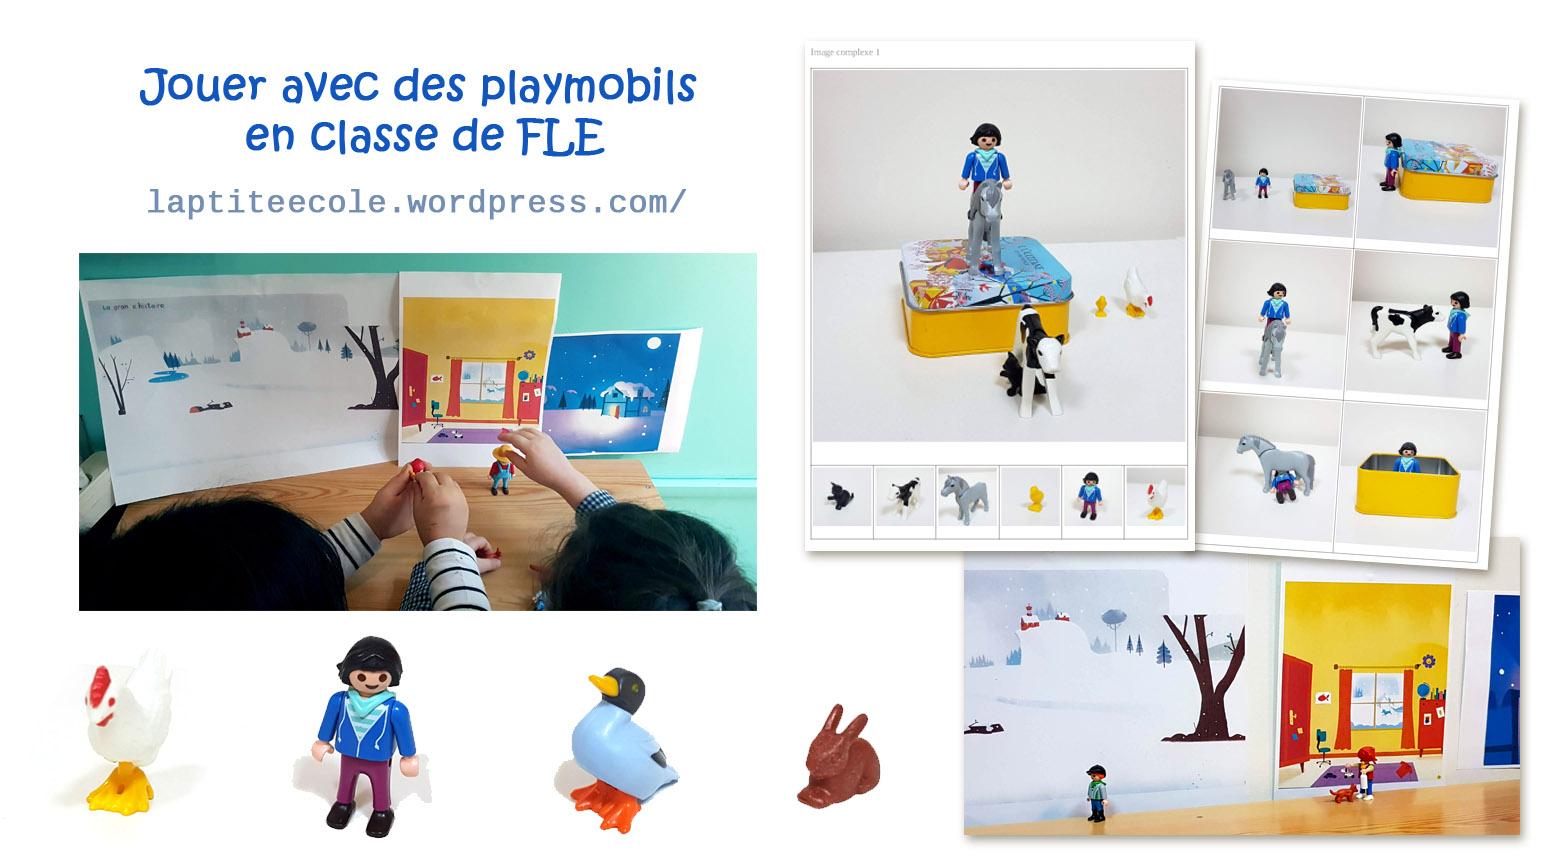 Playmobils FLE Jouer en classe